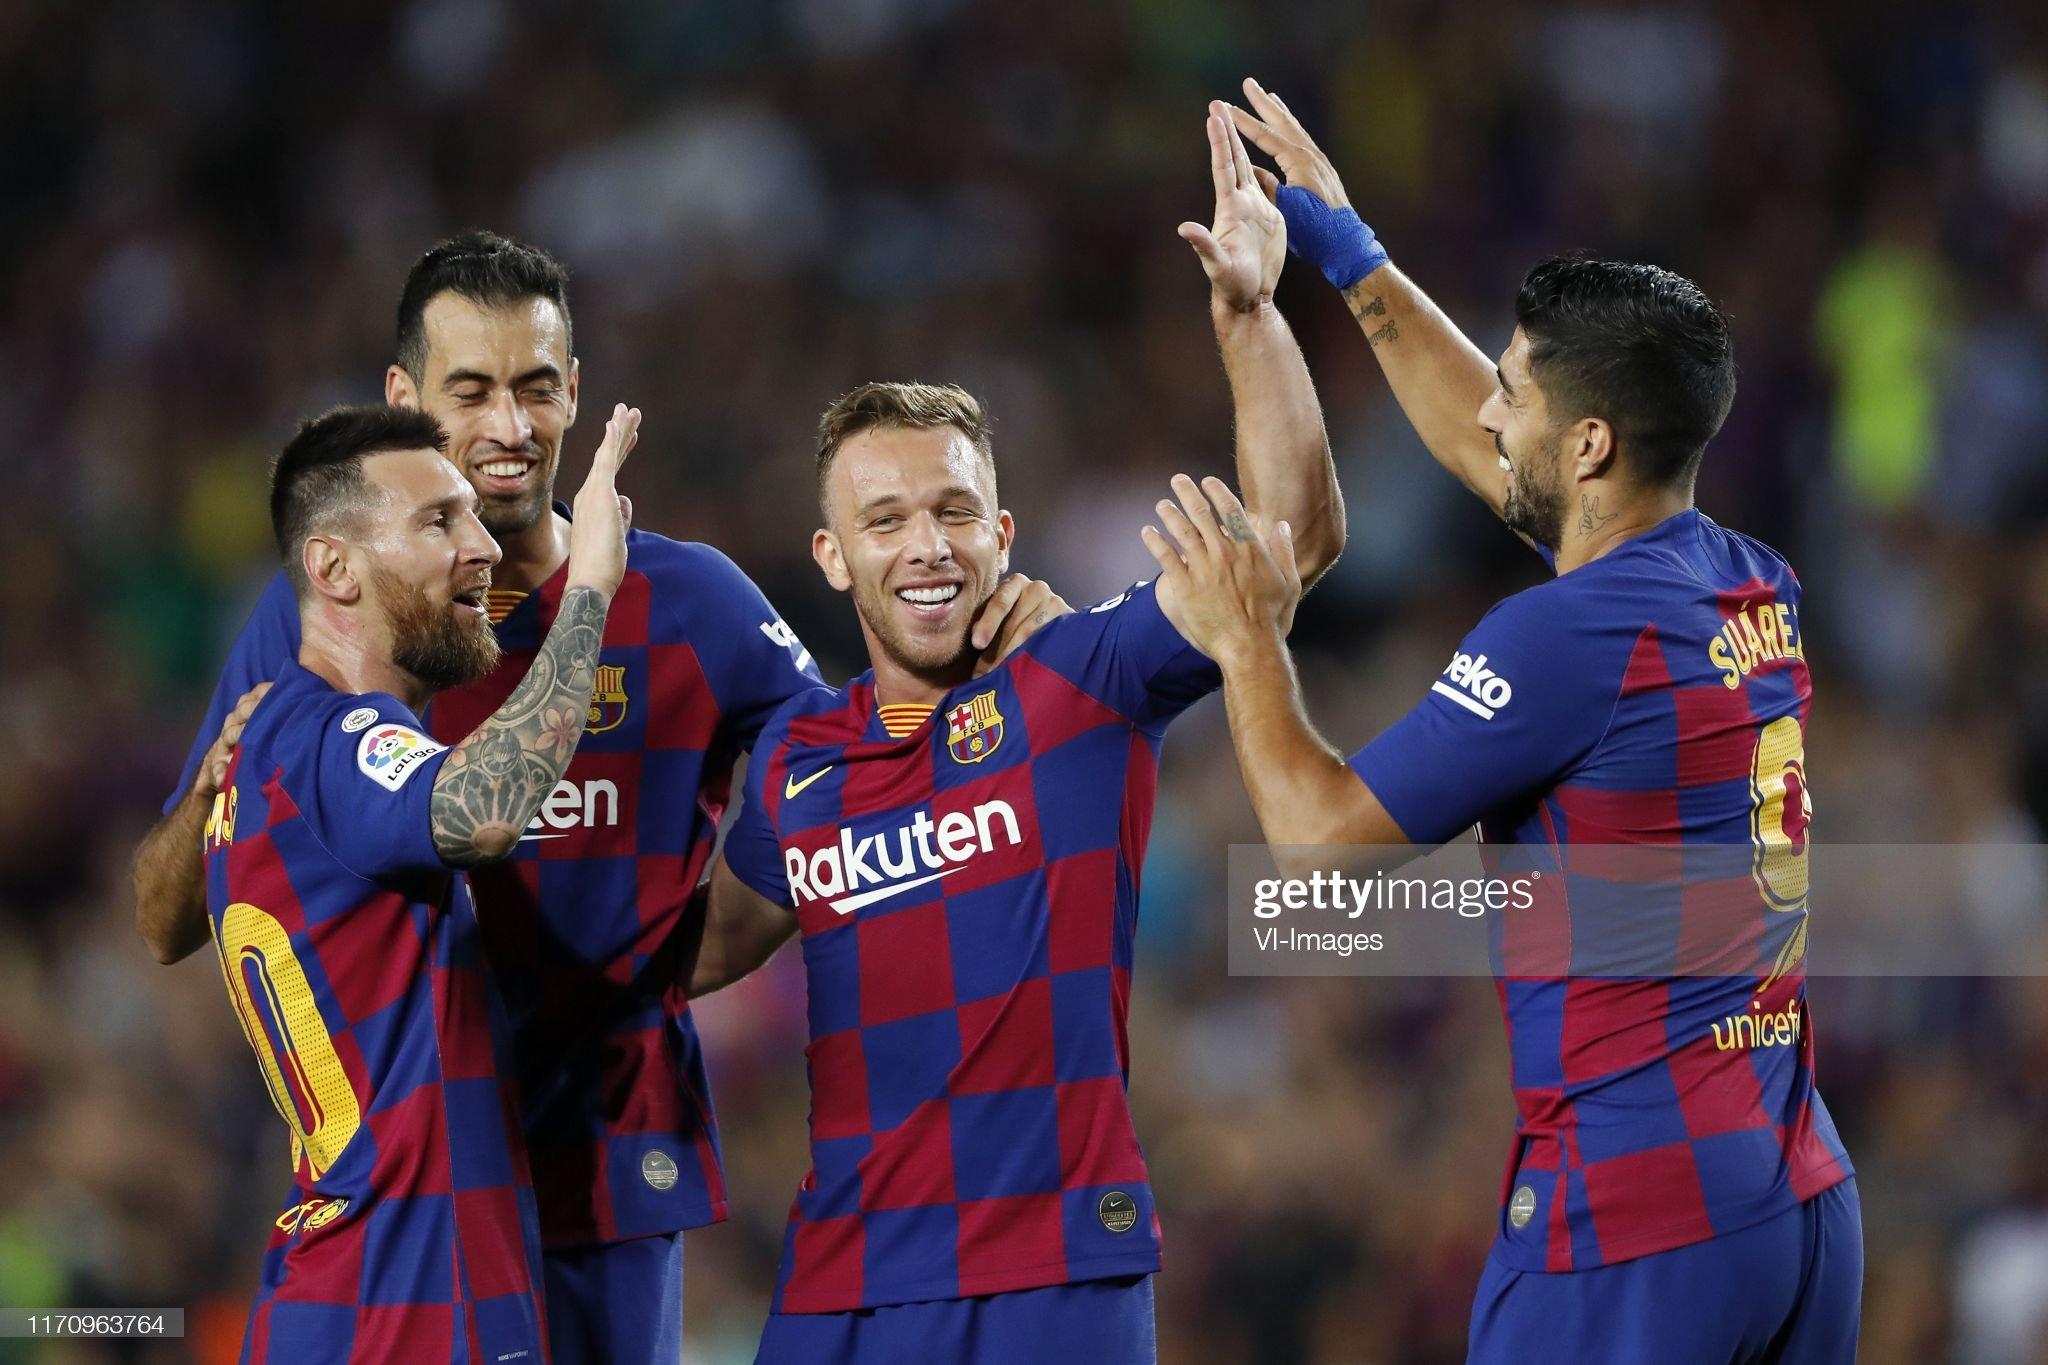 صور مباراة : برشلونة - فياريال 2-1 ( 24-09-2019 )  Lionel-messi-of-fc-barcelona-sergio-busquets-of-fc-barcelona-arthur-picture-id1170963764?s=2048x2048